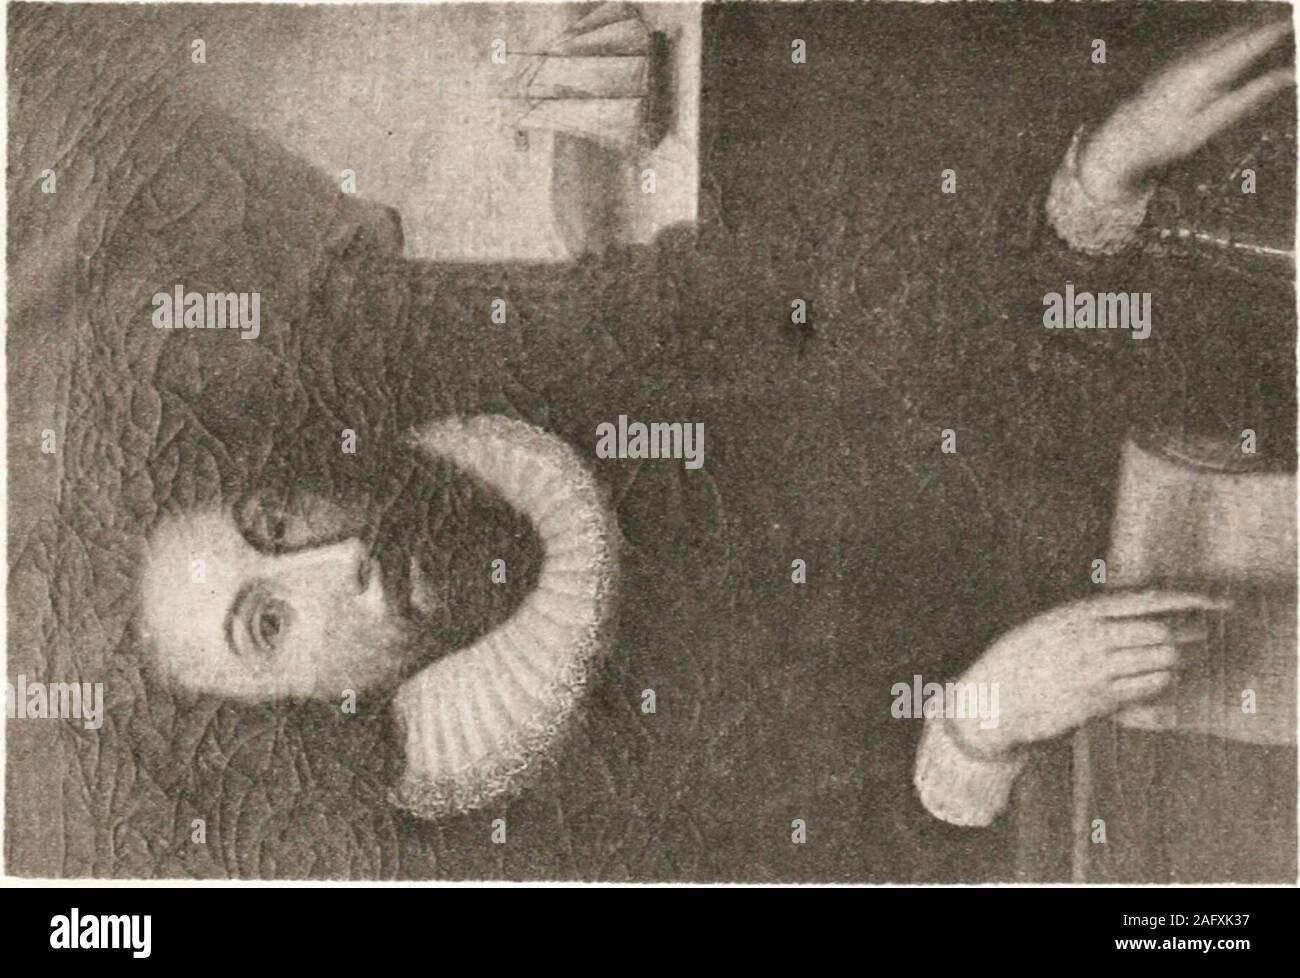 . Los fundadores; retratos de personas nacidas en el extranjero que llegaron a las colonias en América del Norte antes del año 1701, con una introducción, Esbozos Biográficos y comentarios sobre los retratos. JOHN WINTHROP 1587/8-1649 El retrato de la sociedad Anticuaria americana en Worcester (5^0 KEV? YORK JPUBLIC BIBLIOTECA]. Foto de stock